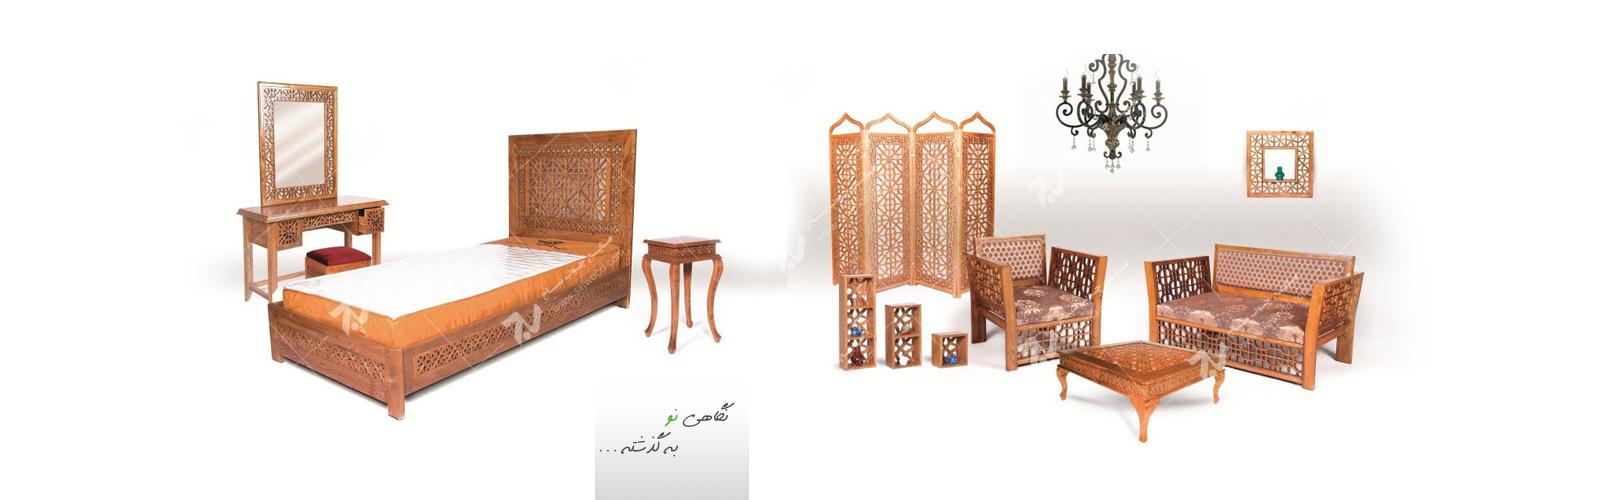 صنایع چوب ساج تولید کننده مصنوعات چوبی سنتی گره چینی مشبک